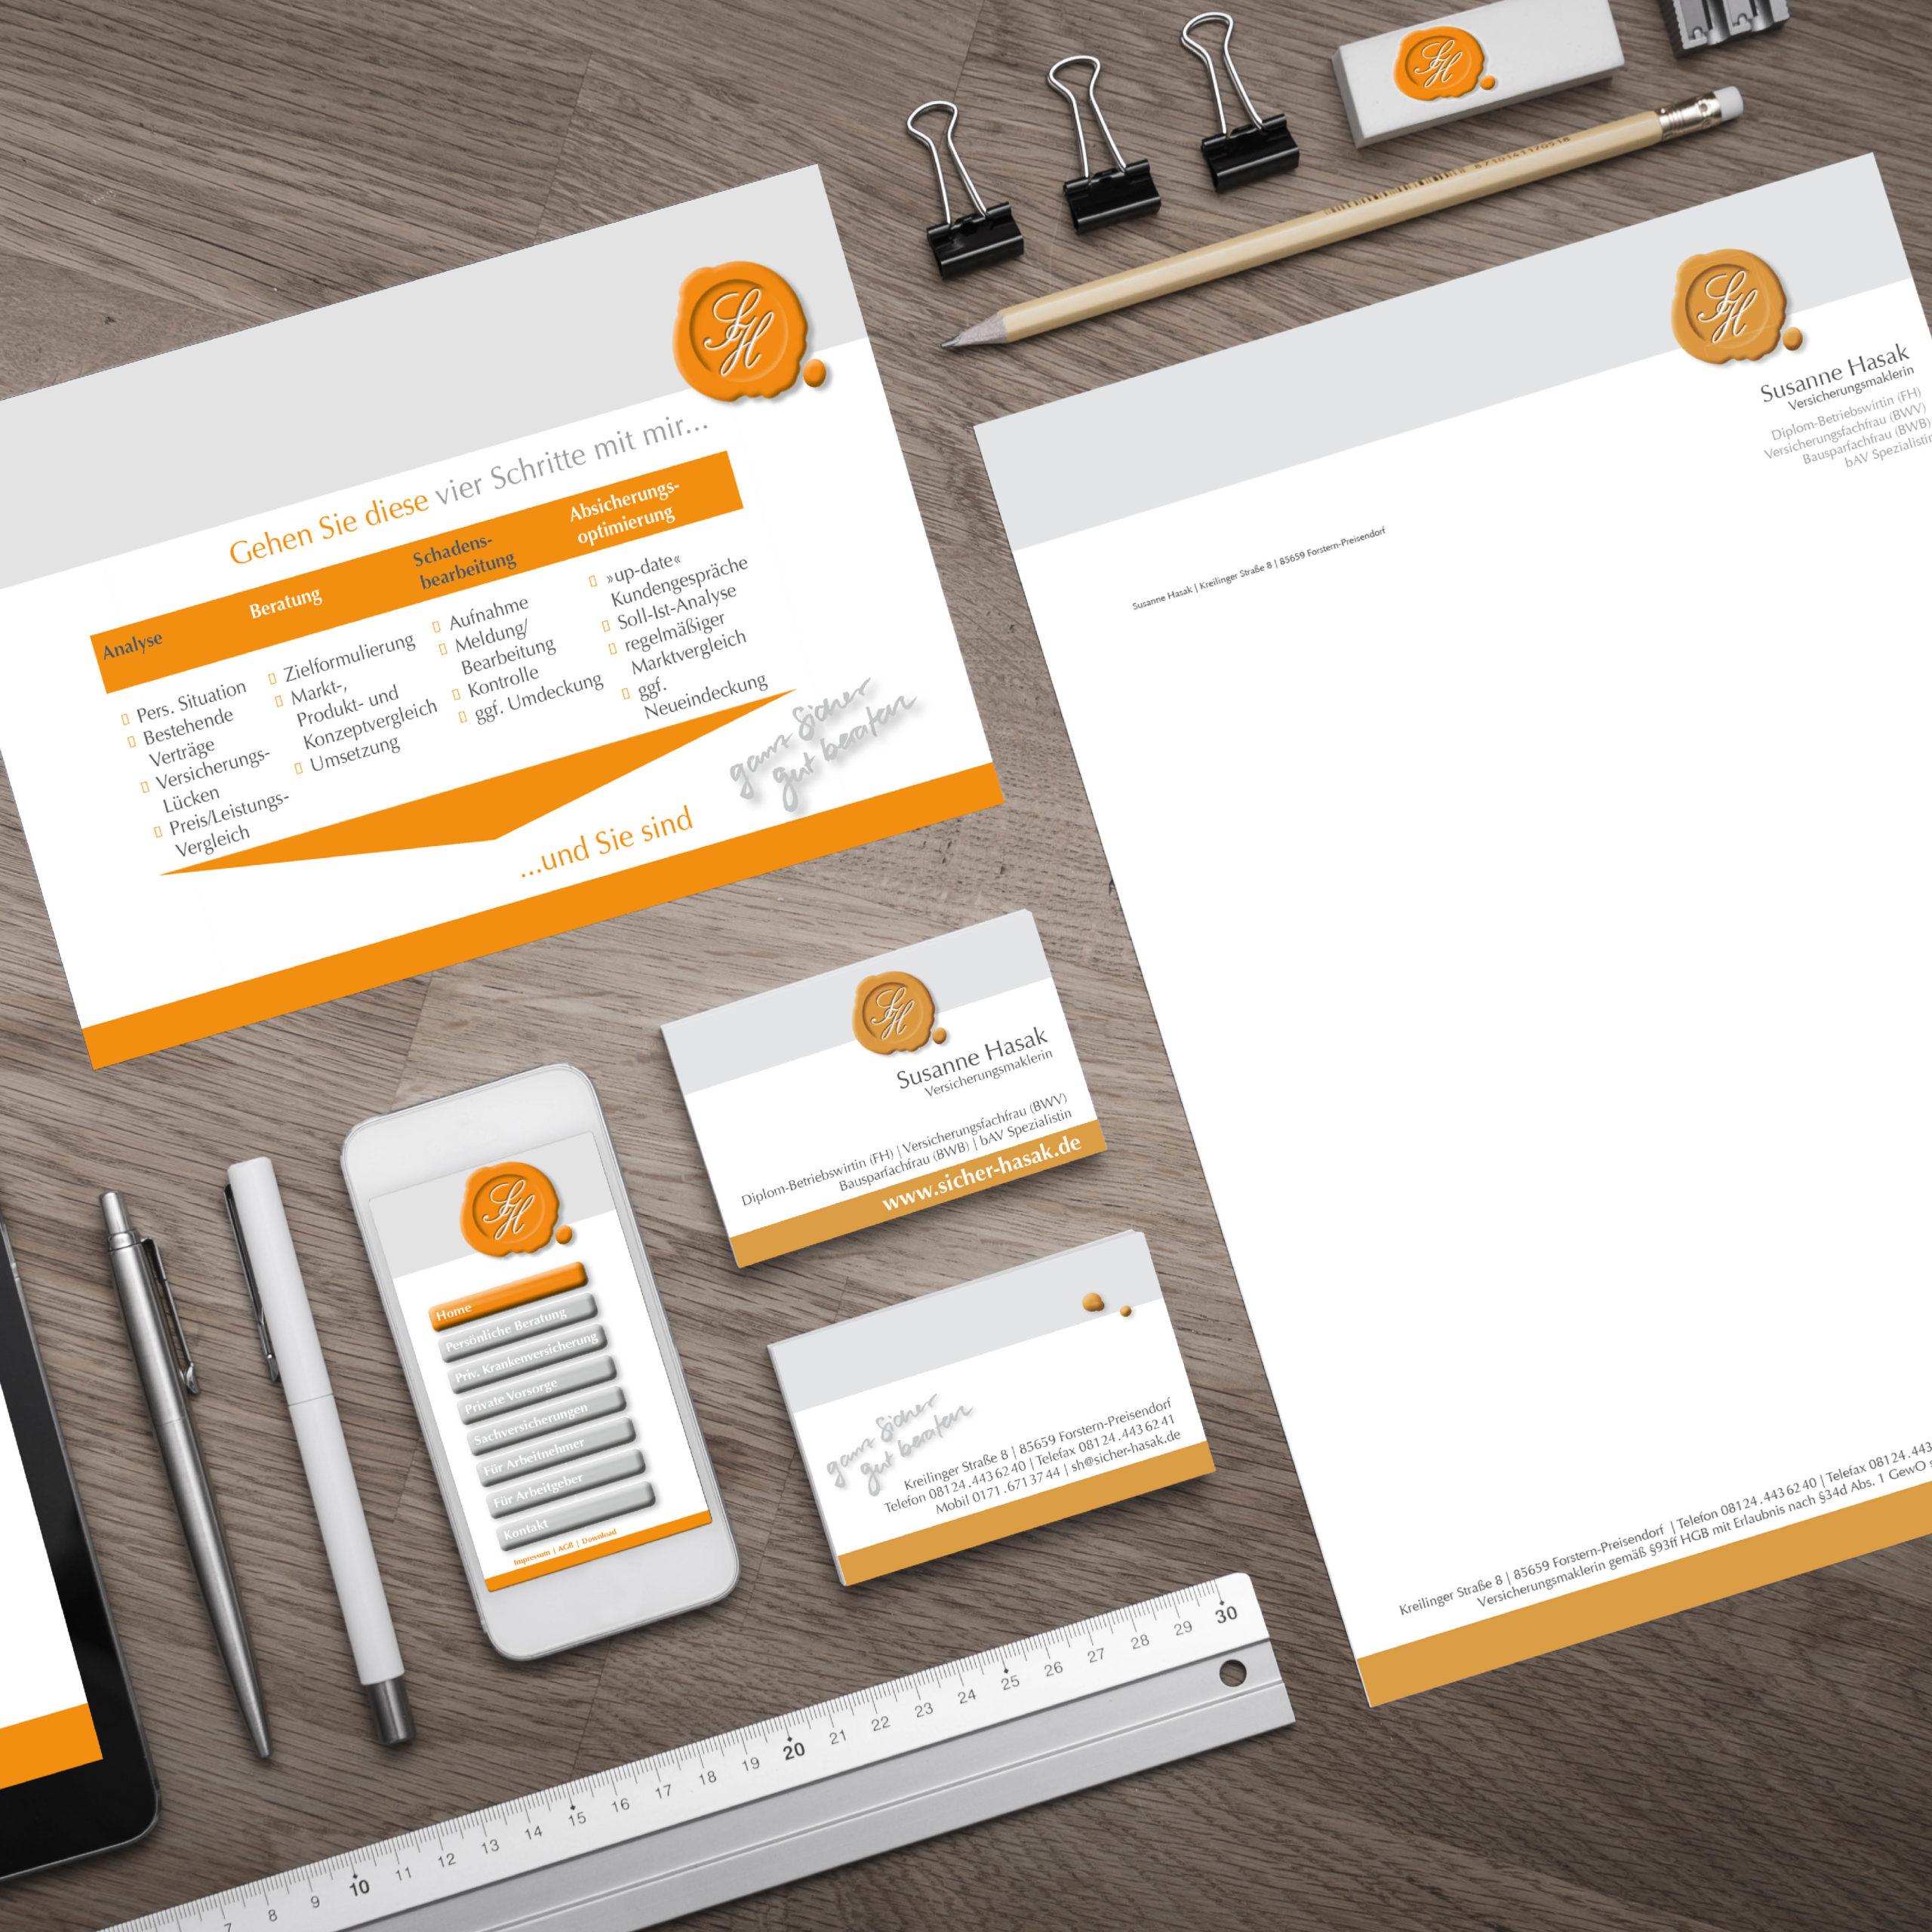 Gestaltung einer Geschäftsausstattung für eine Versicherungsmaklerin